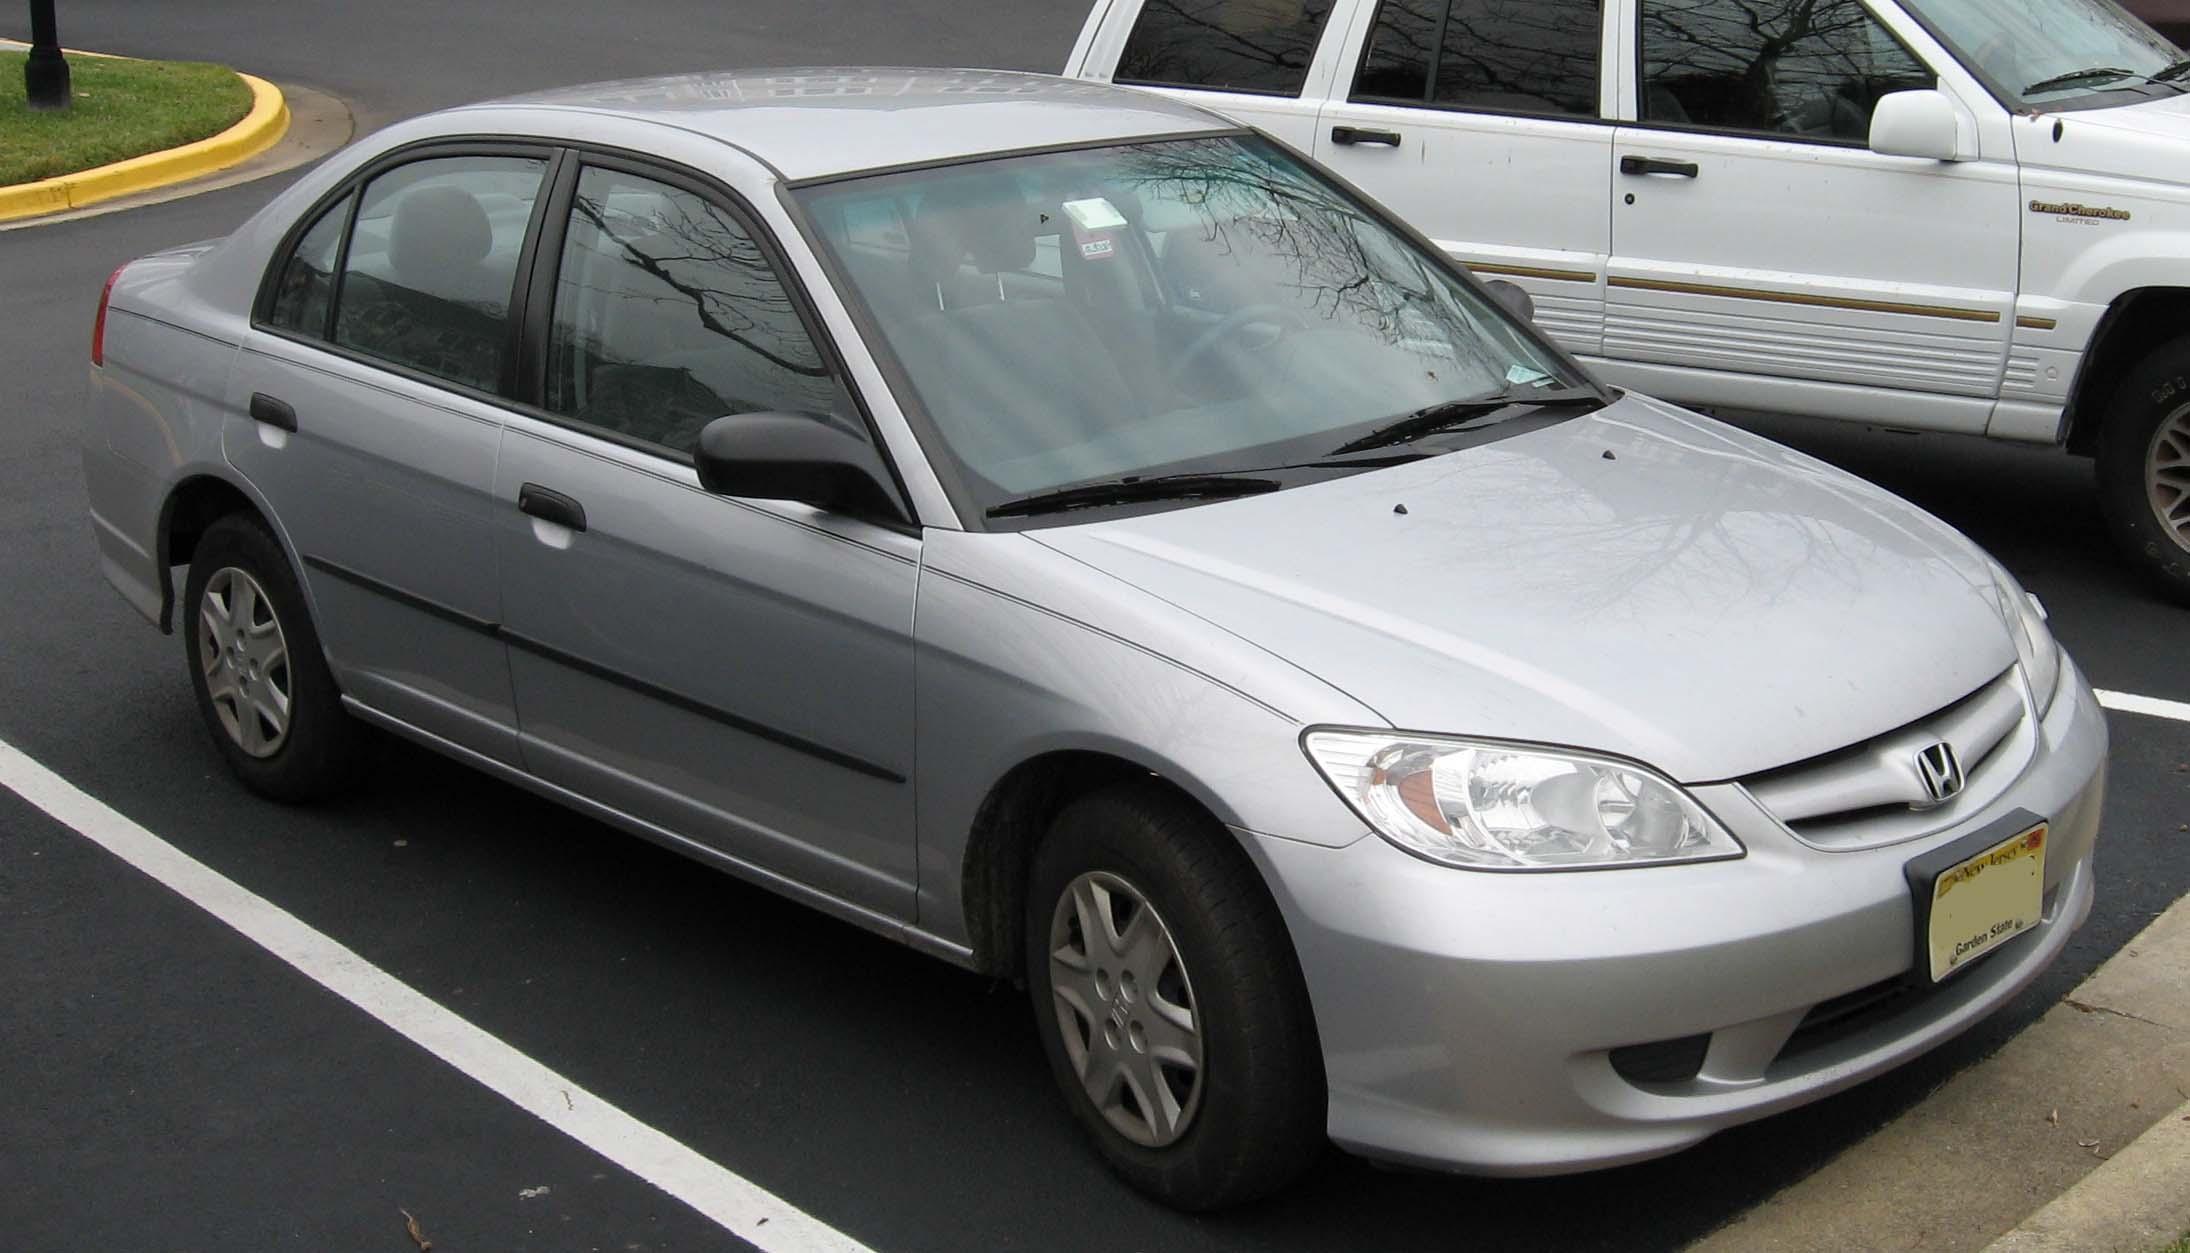 File 04 05 Honda Civic Sedan Jpg Wikimedia Commons